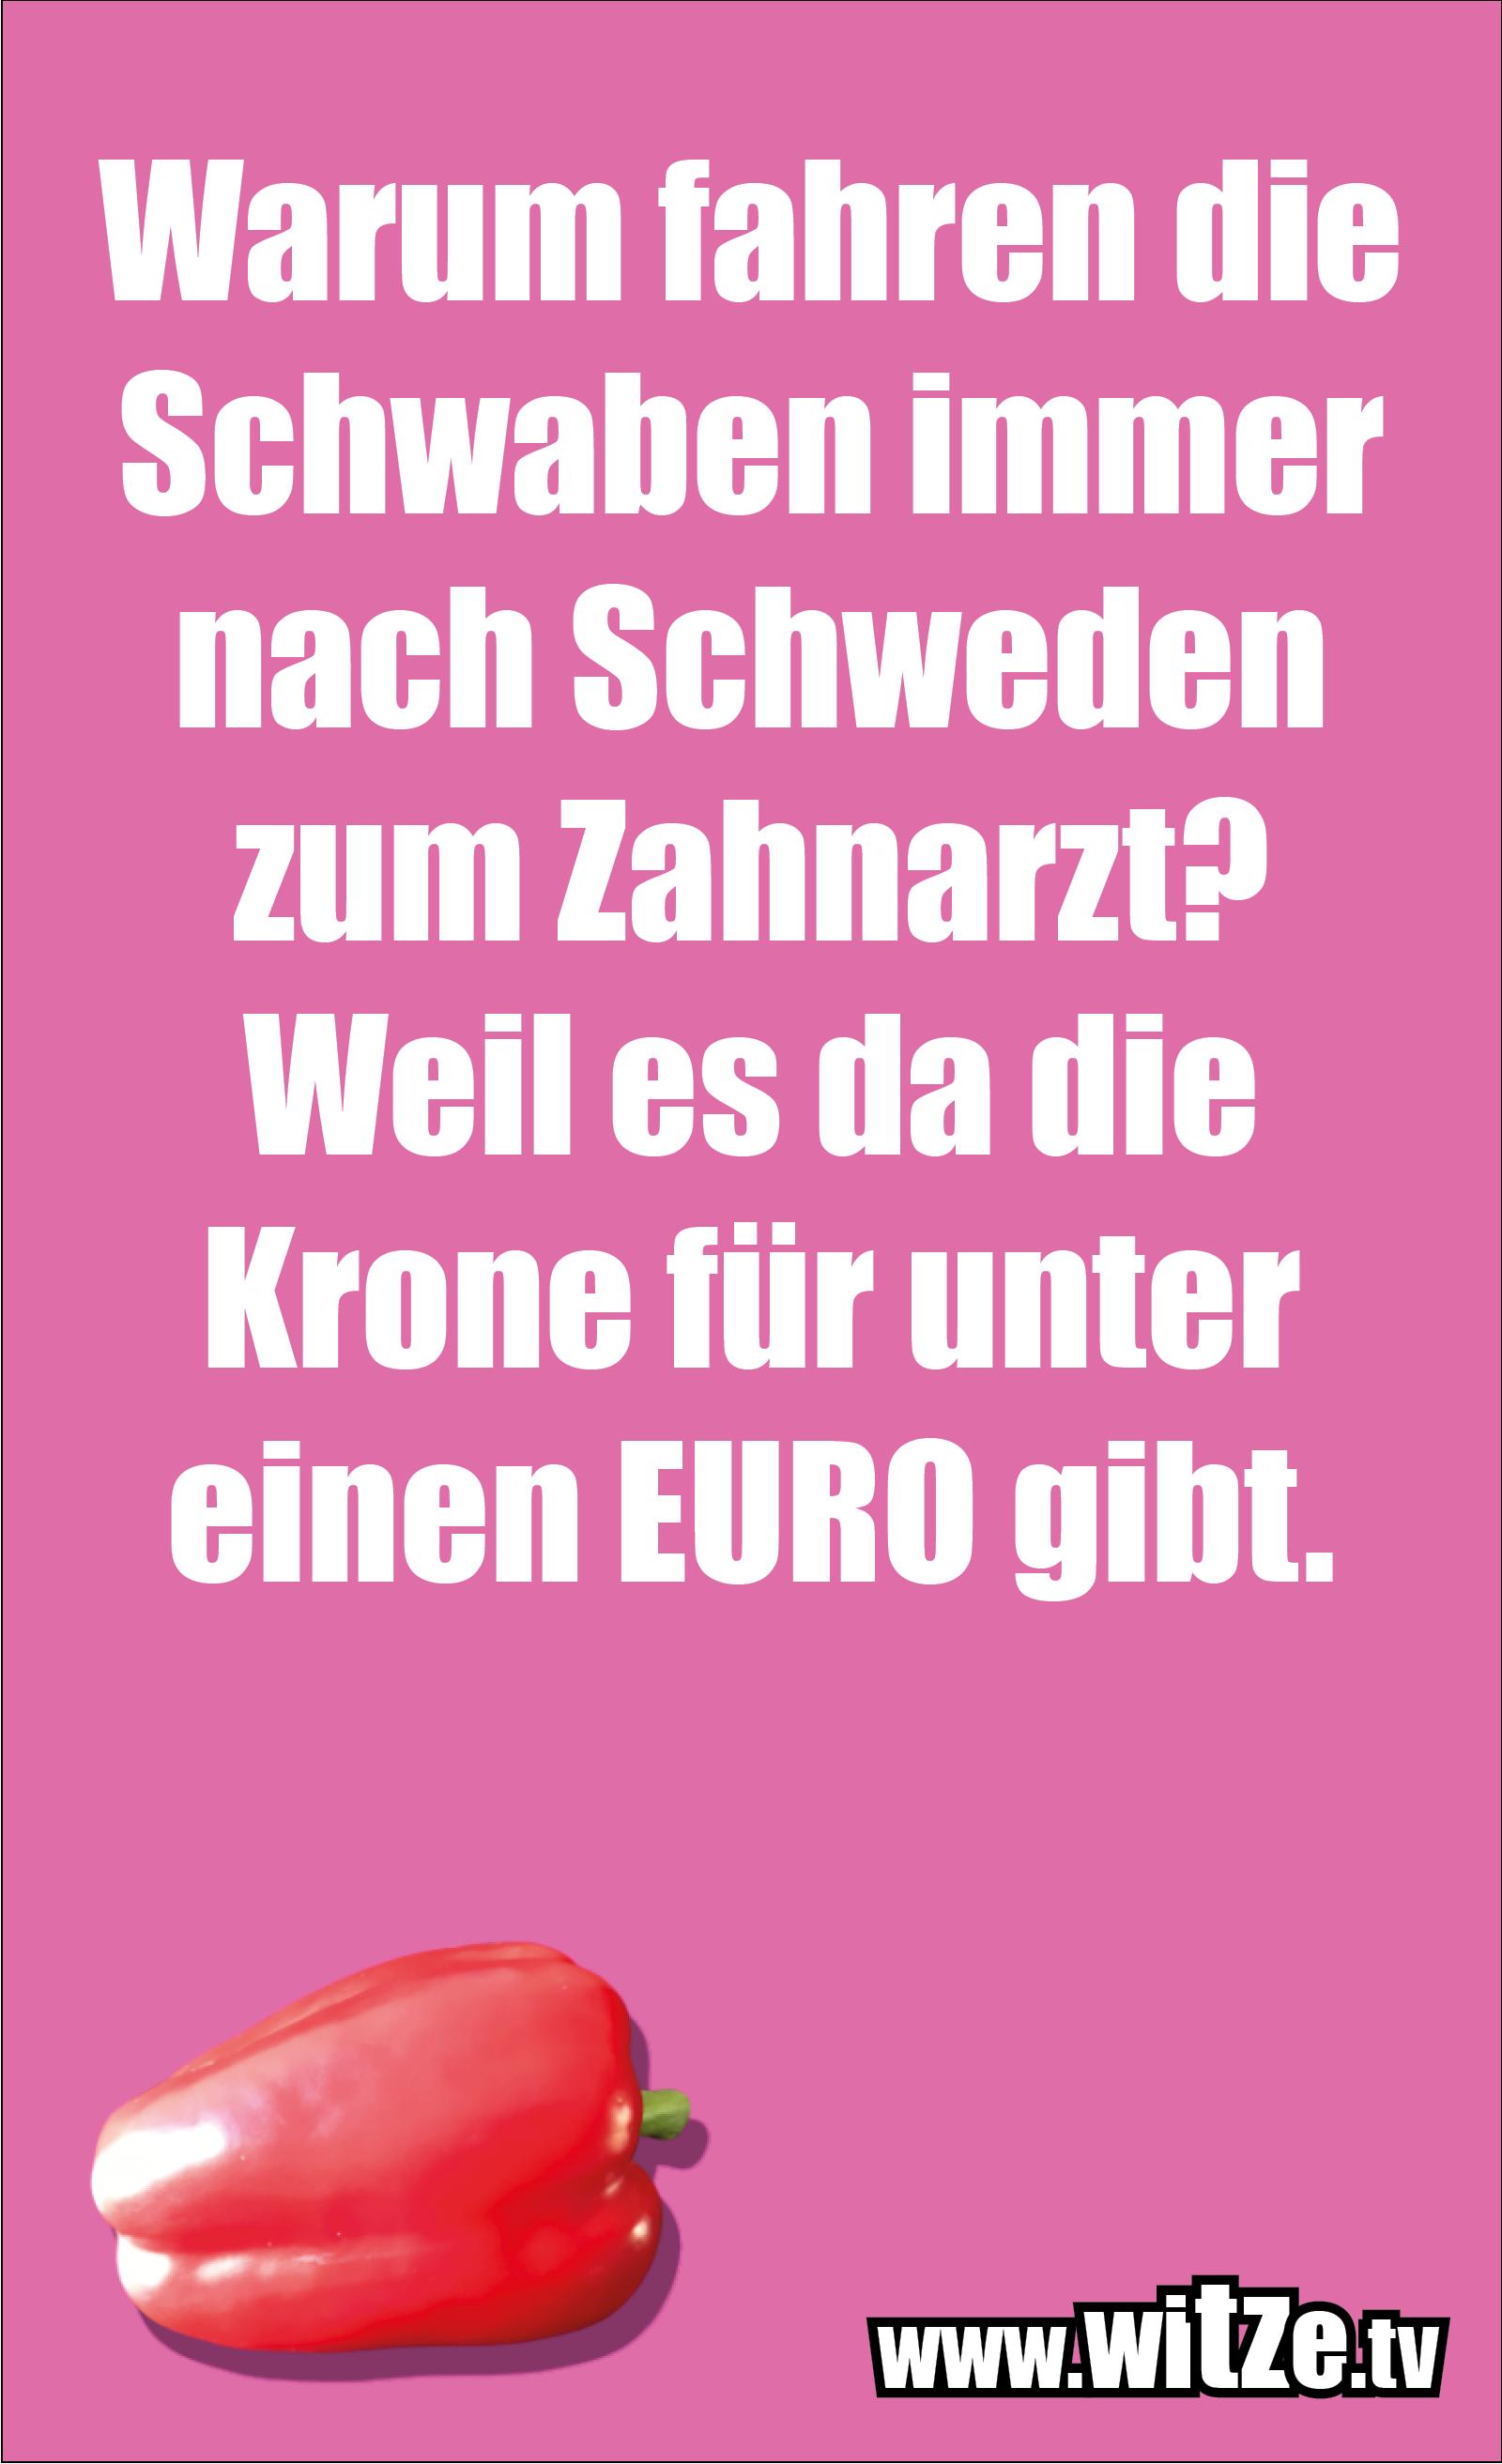 Schwaben Witz… Warum fahren die Schwaben immer nach Schweden zum Zahnarzt? Weil es da die Krone für unter einen EURO gibt.